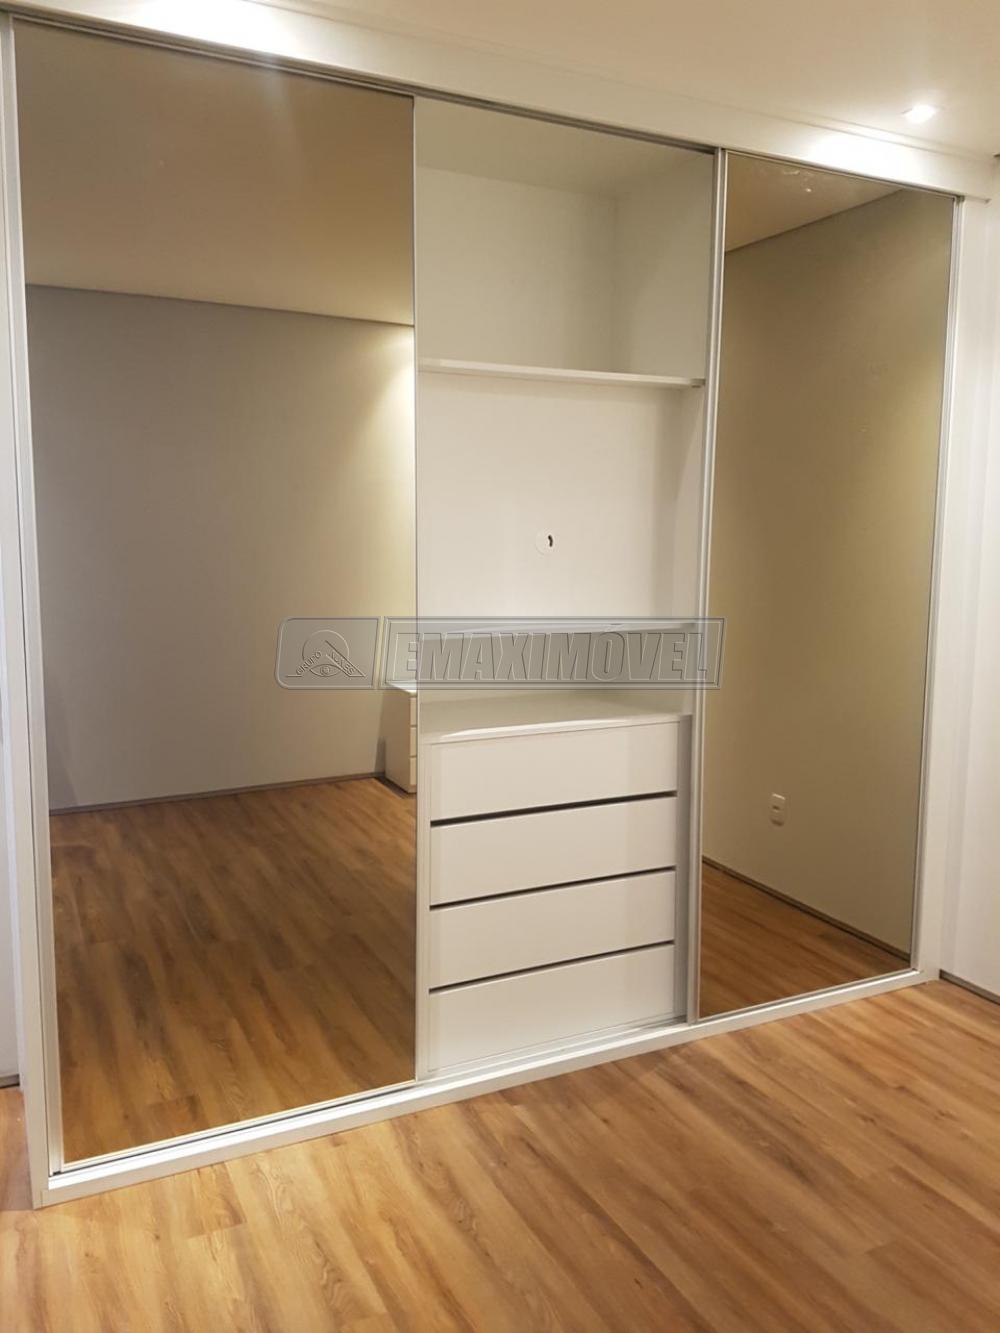 Comprar Casas / em Condomínios em Votorantim apenas R$ 2.100.000,00 - Foto 18